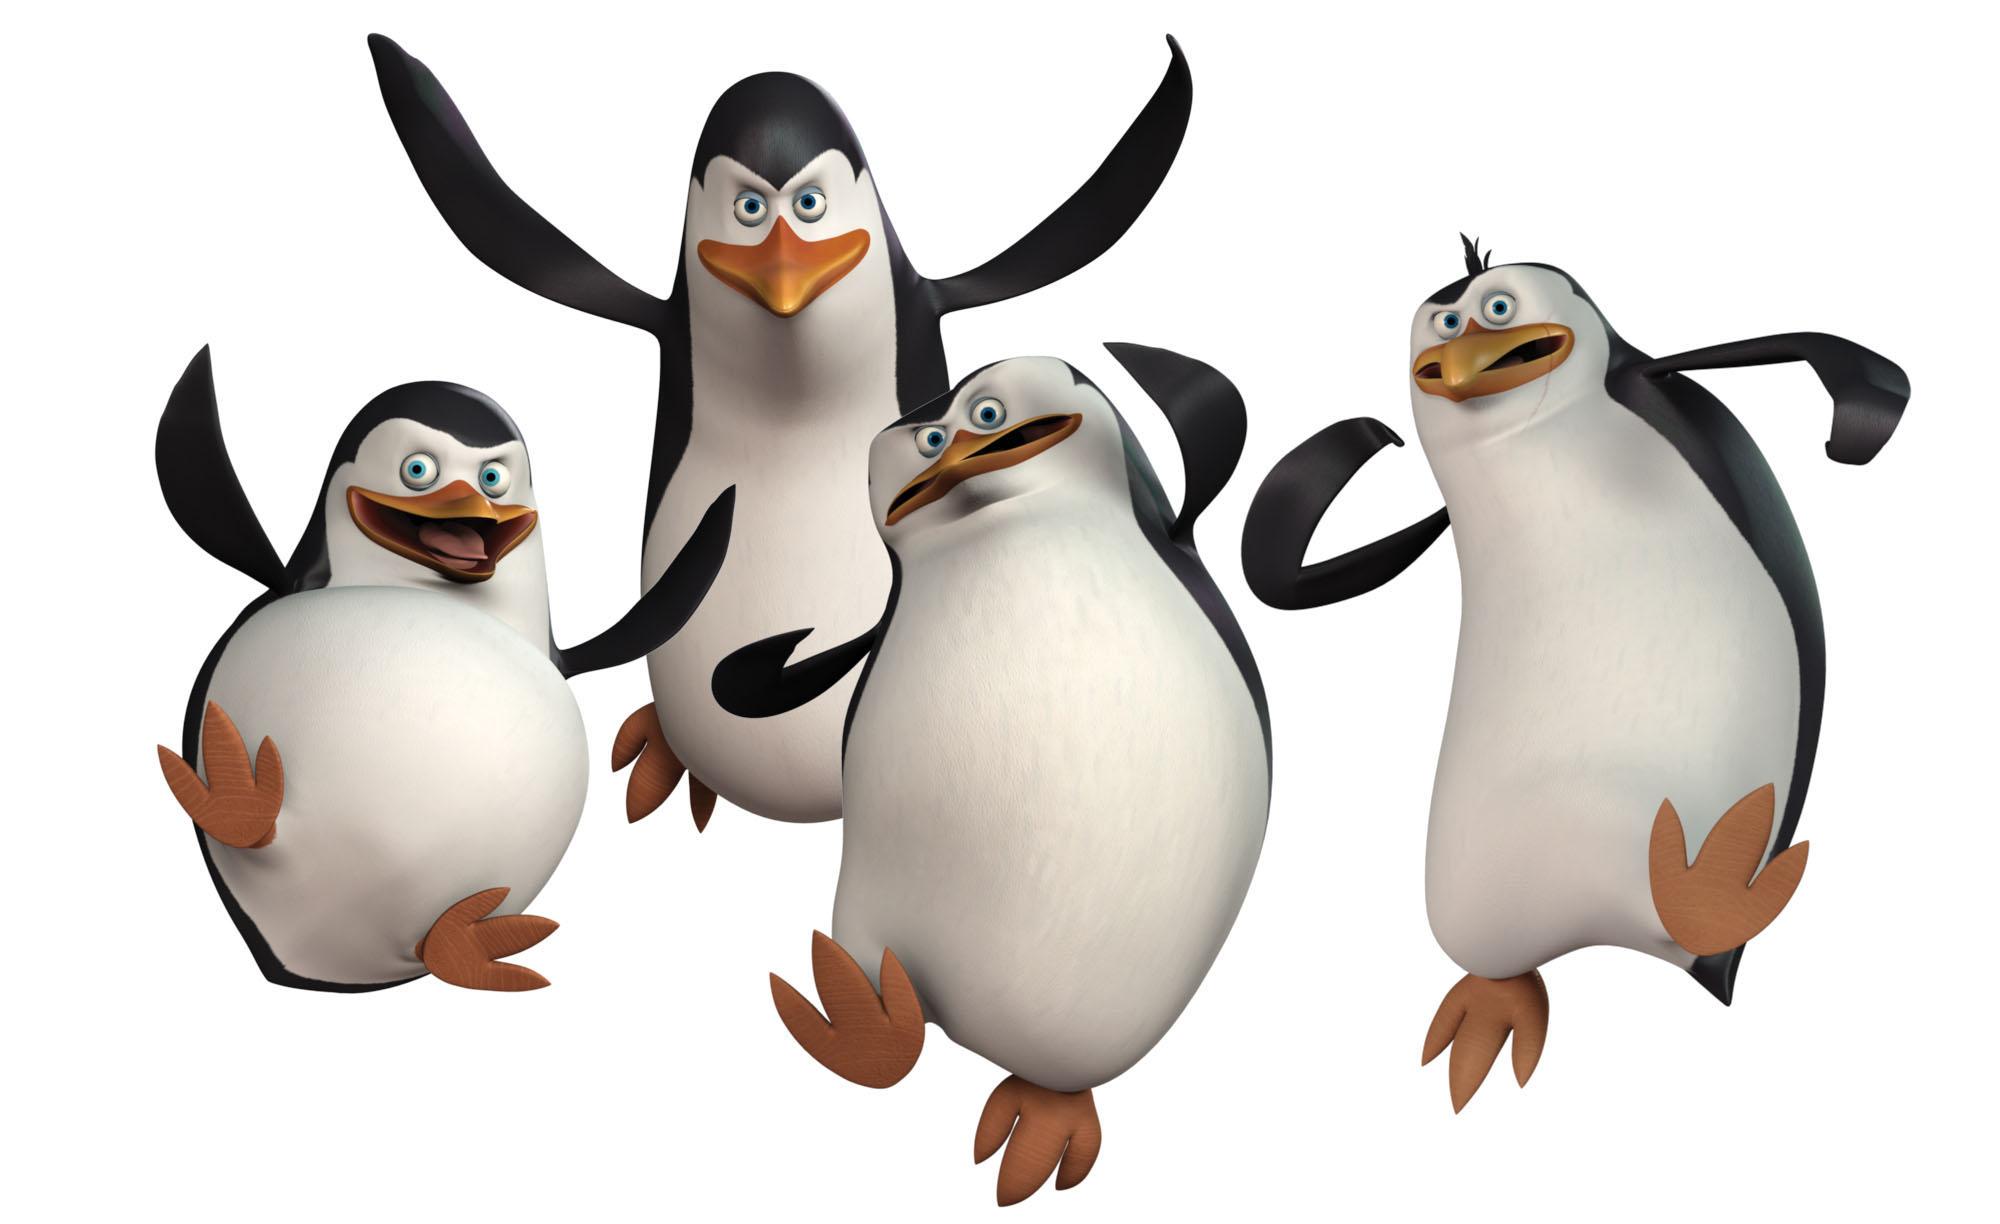 пингвины Мадагаскара, скачать фото, обои для рабочего стола